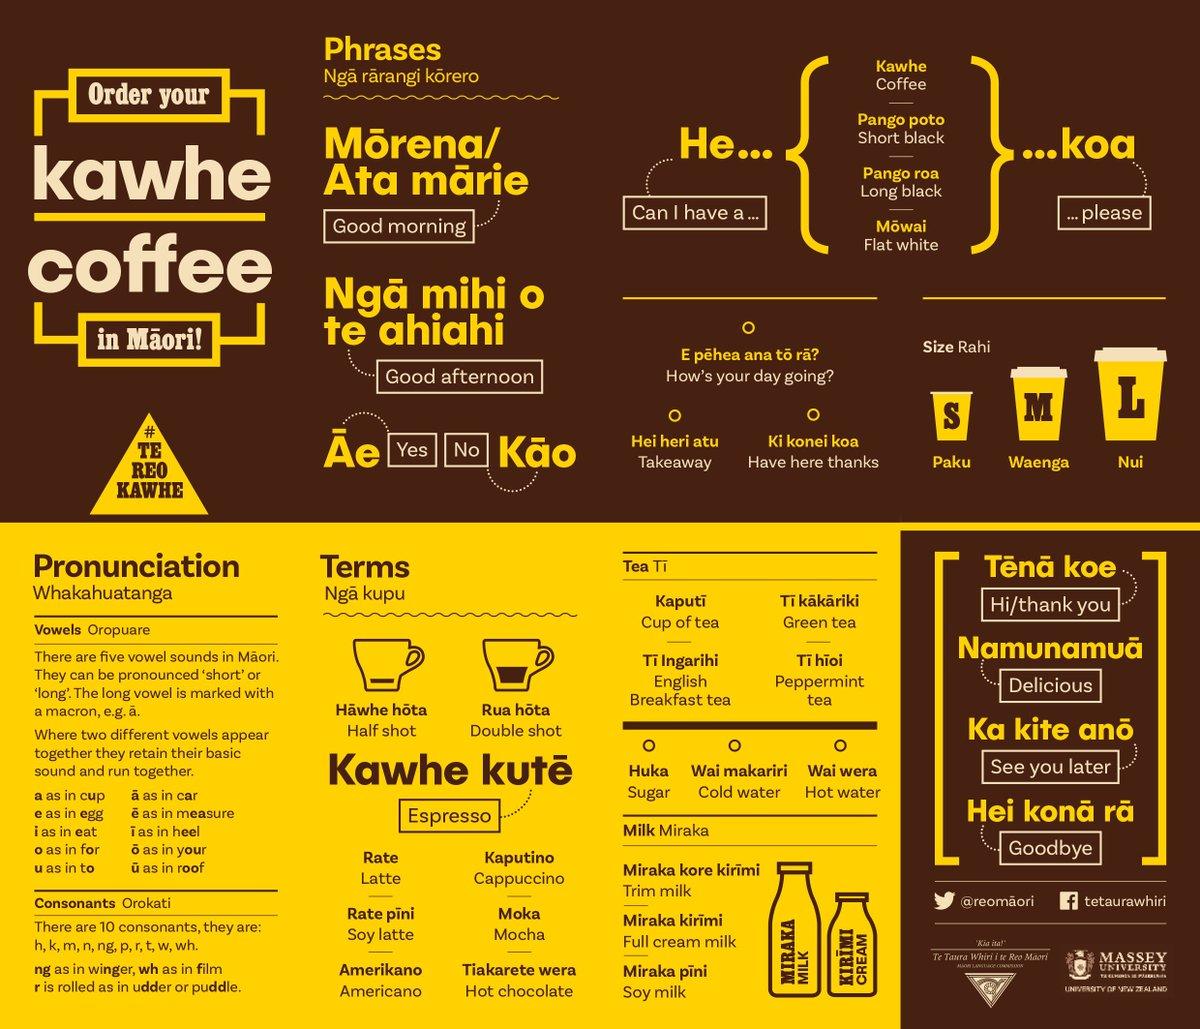 Order your kawhe in Māori